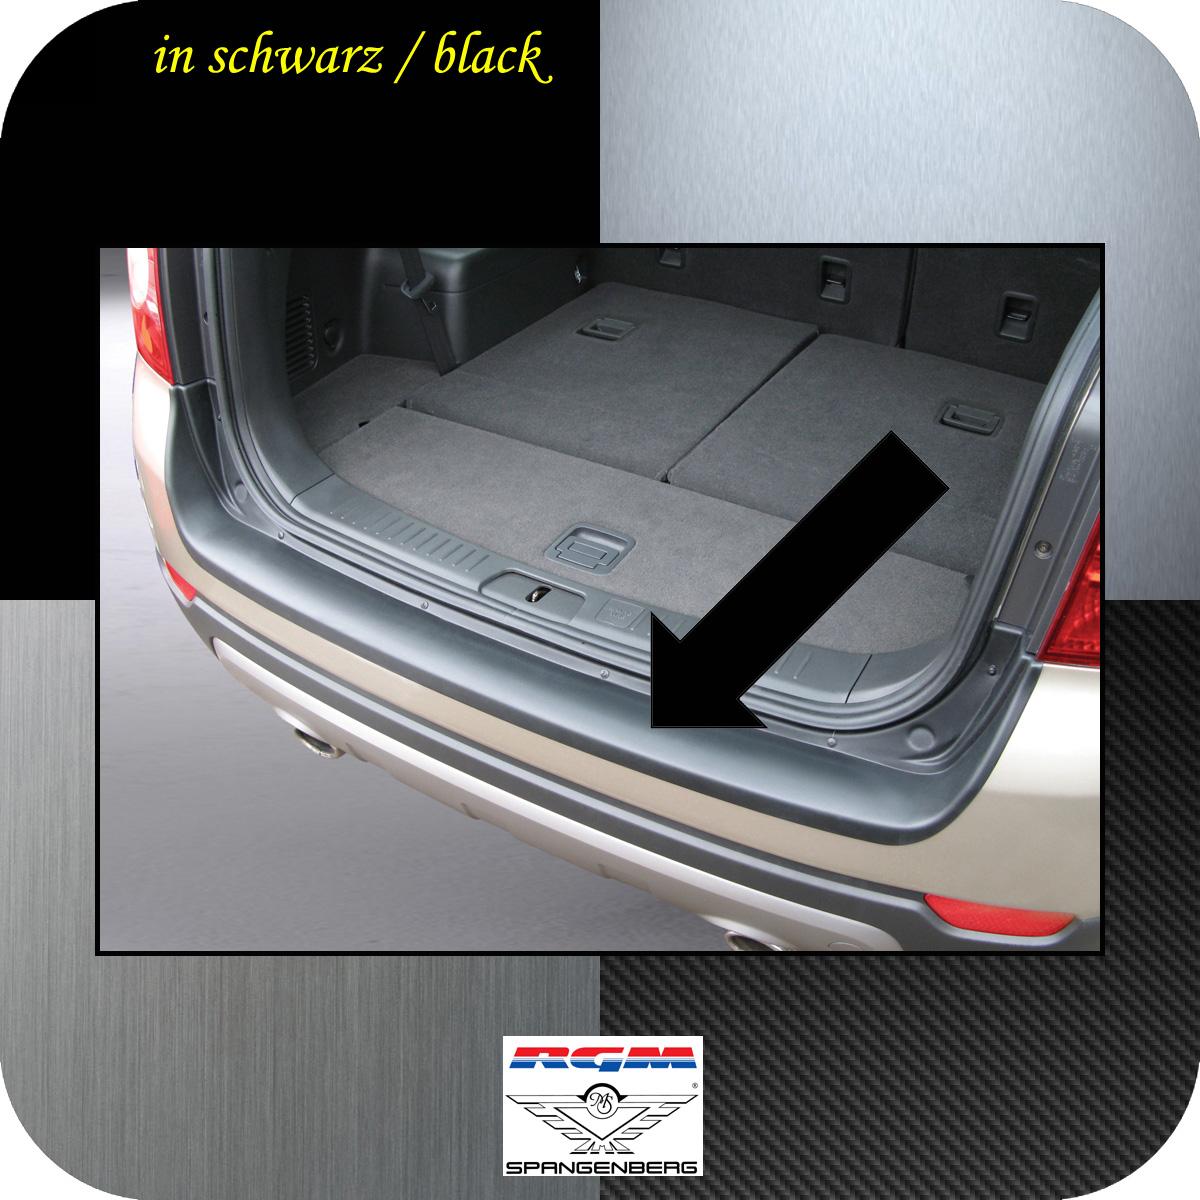 Ladekantenschutz schwarz Chevrolet Captiva SUV 4X4 vor Mopf 2006-13 3500322